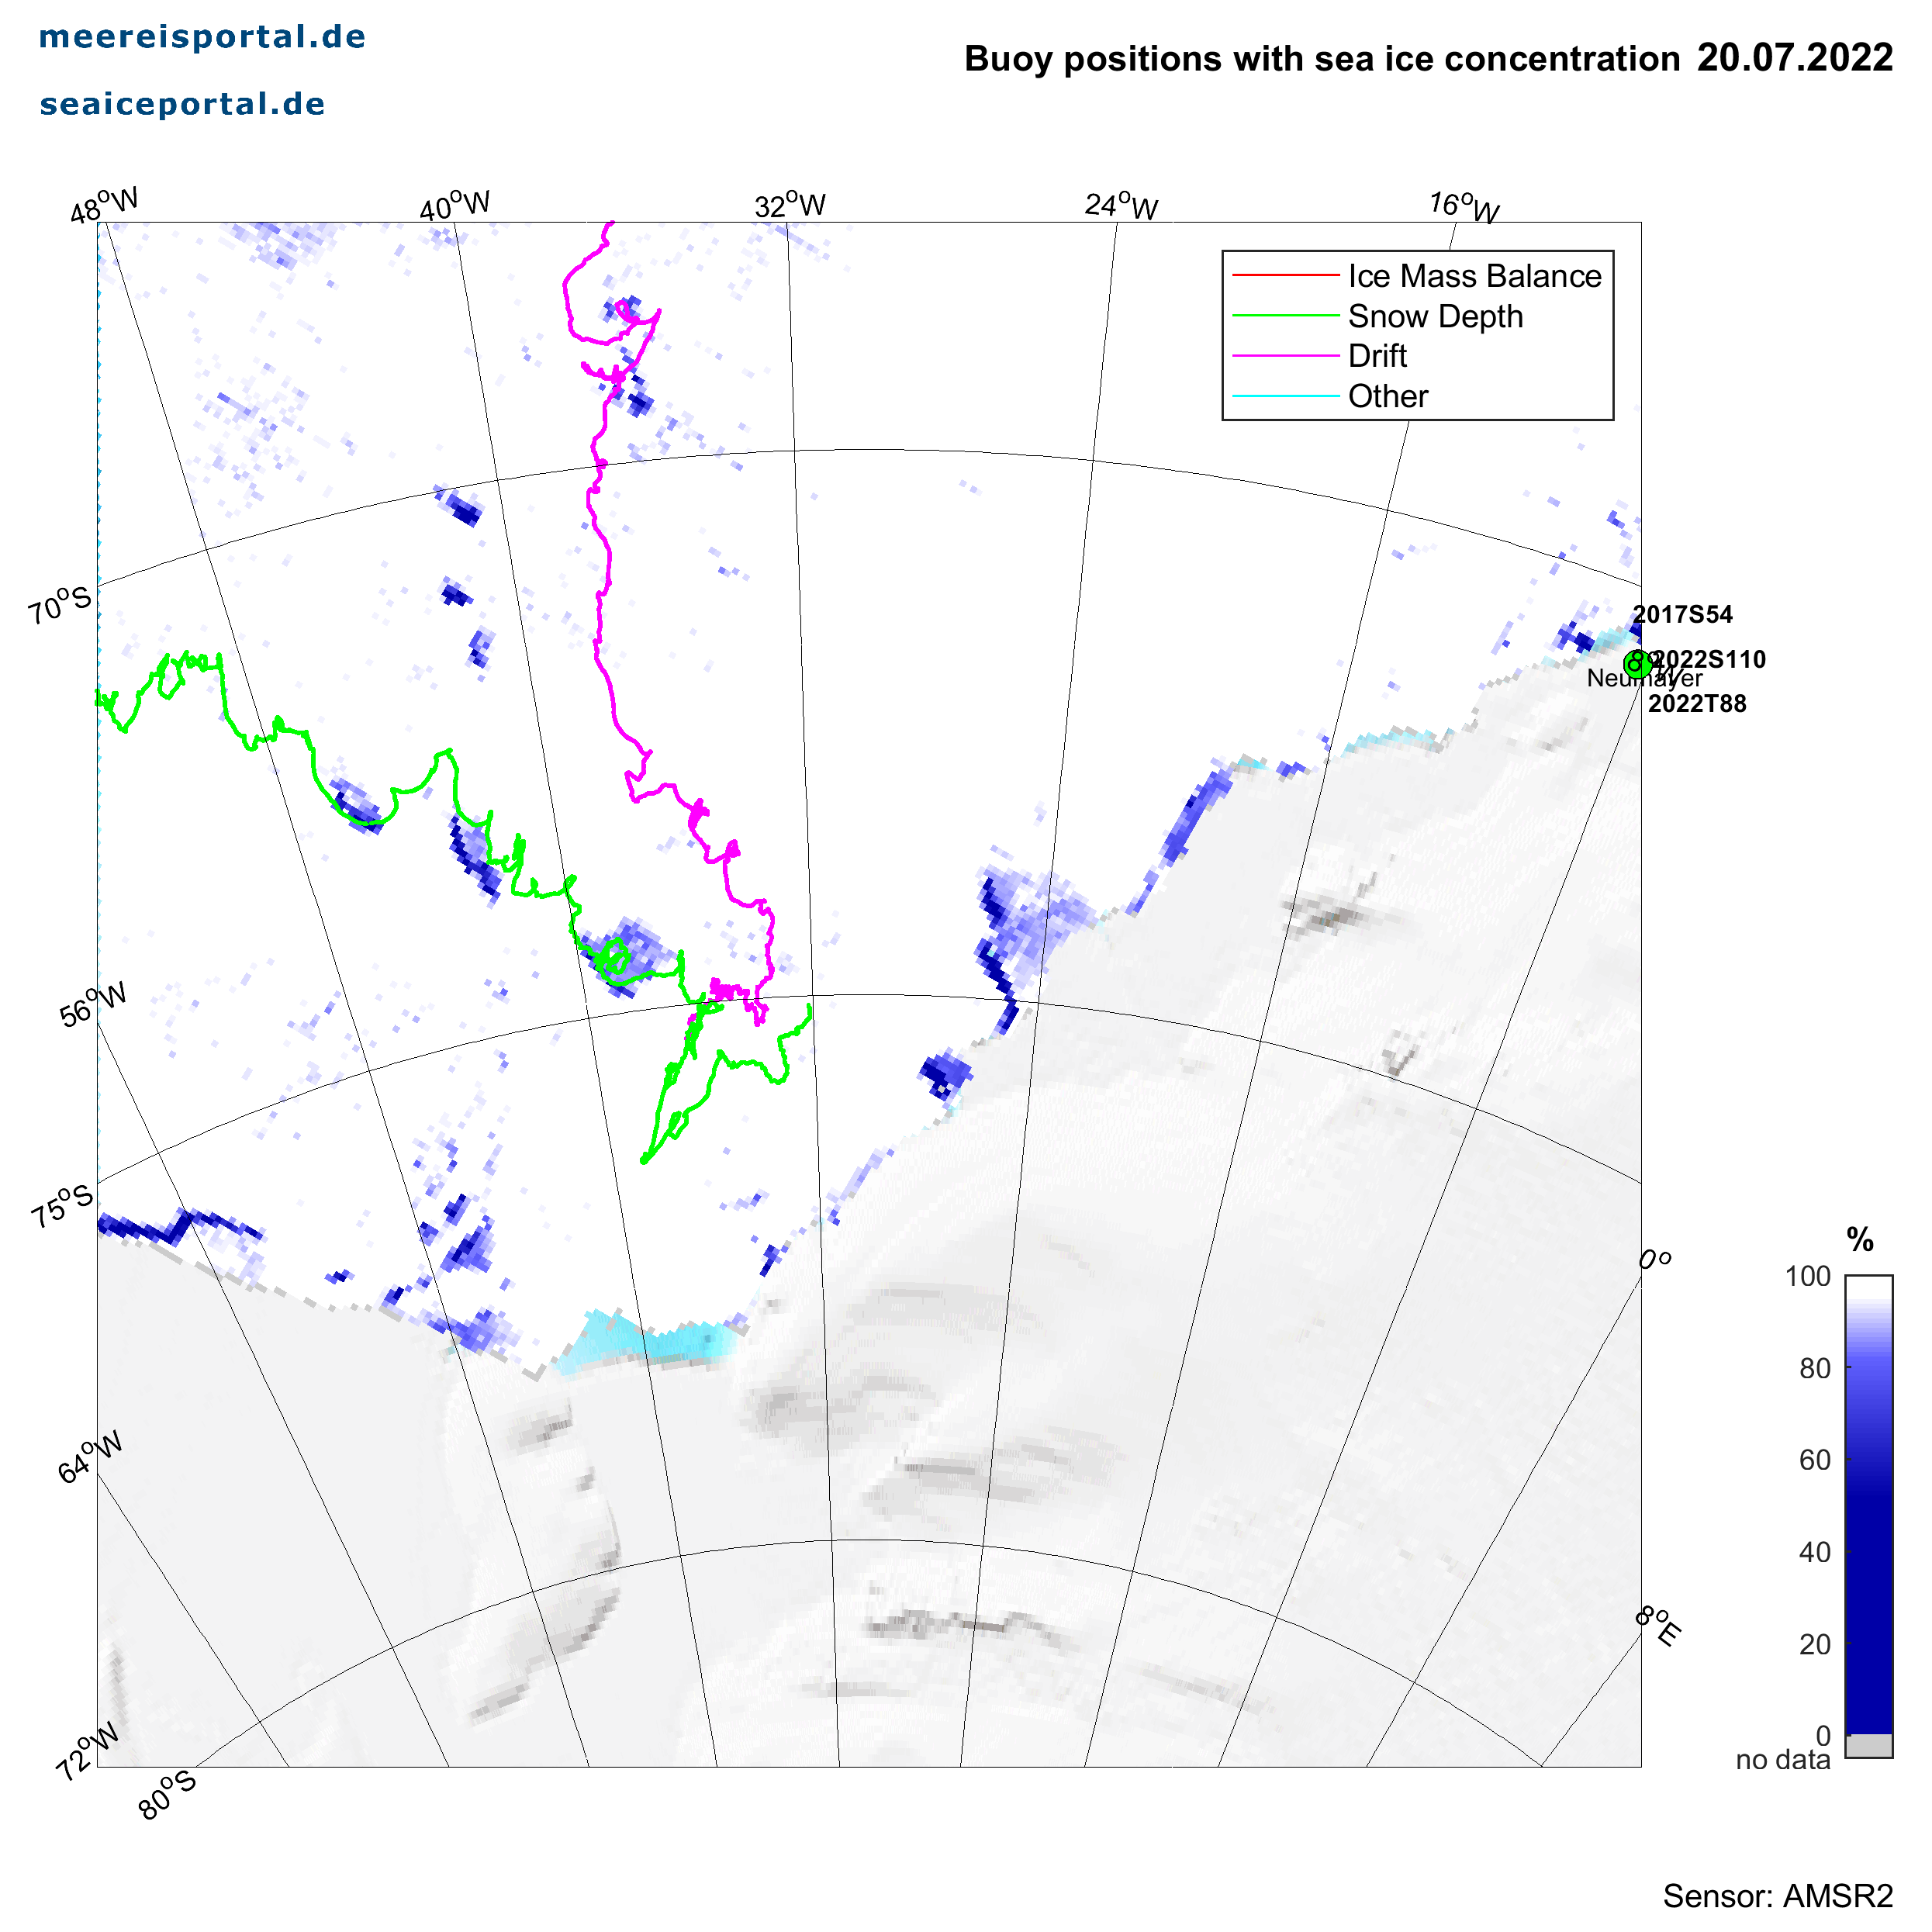 Karte der antarktischen Bojen